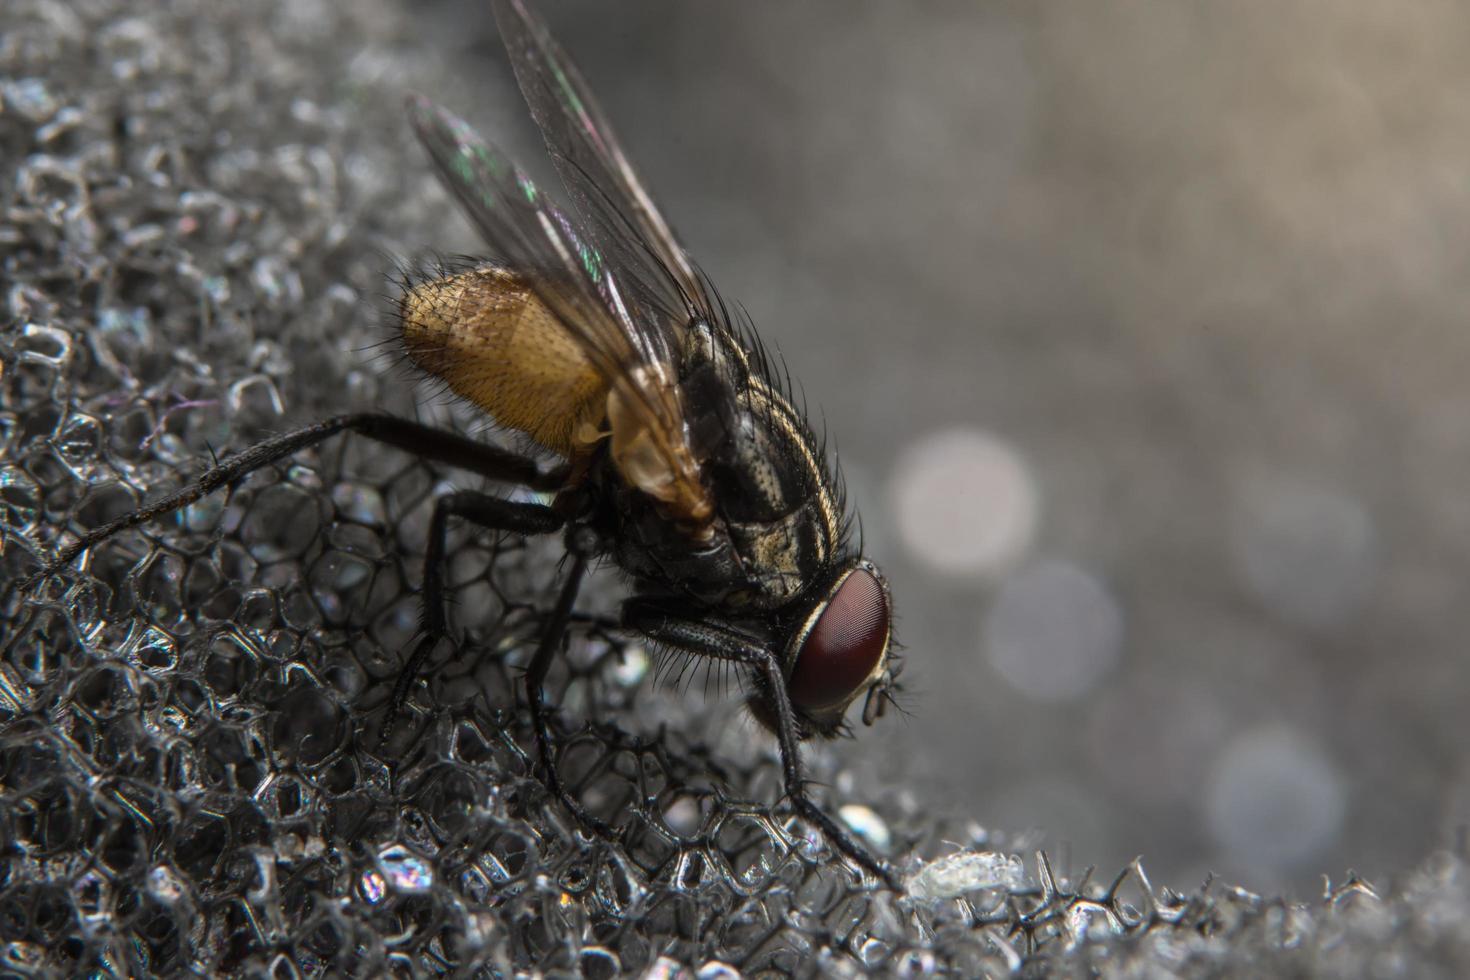 primer plano de mosca dípteros foto